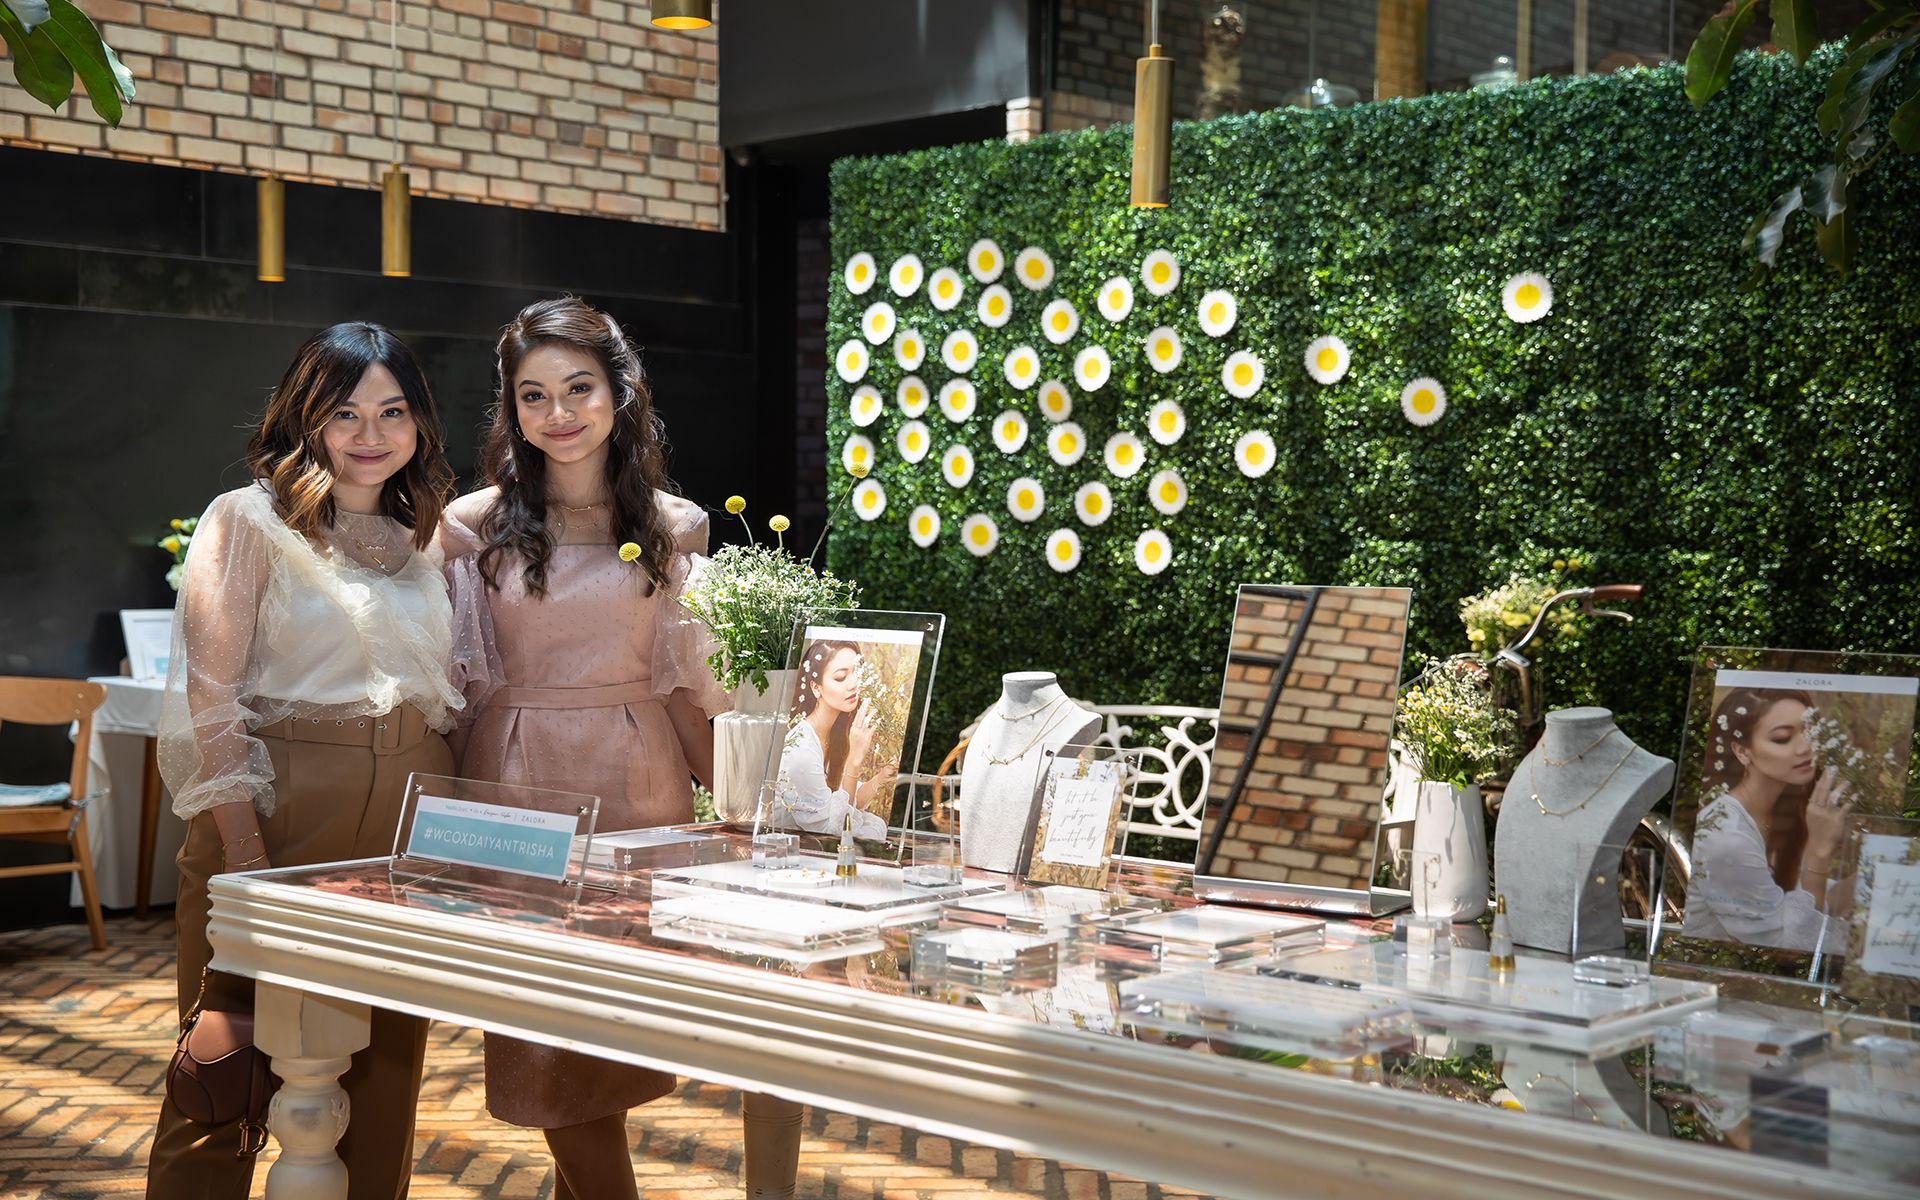 Jenn Low and Daiyan Trisha